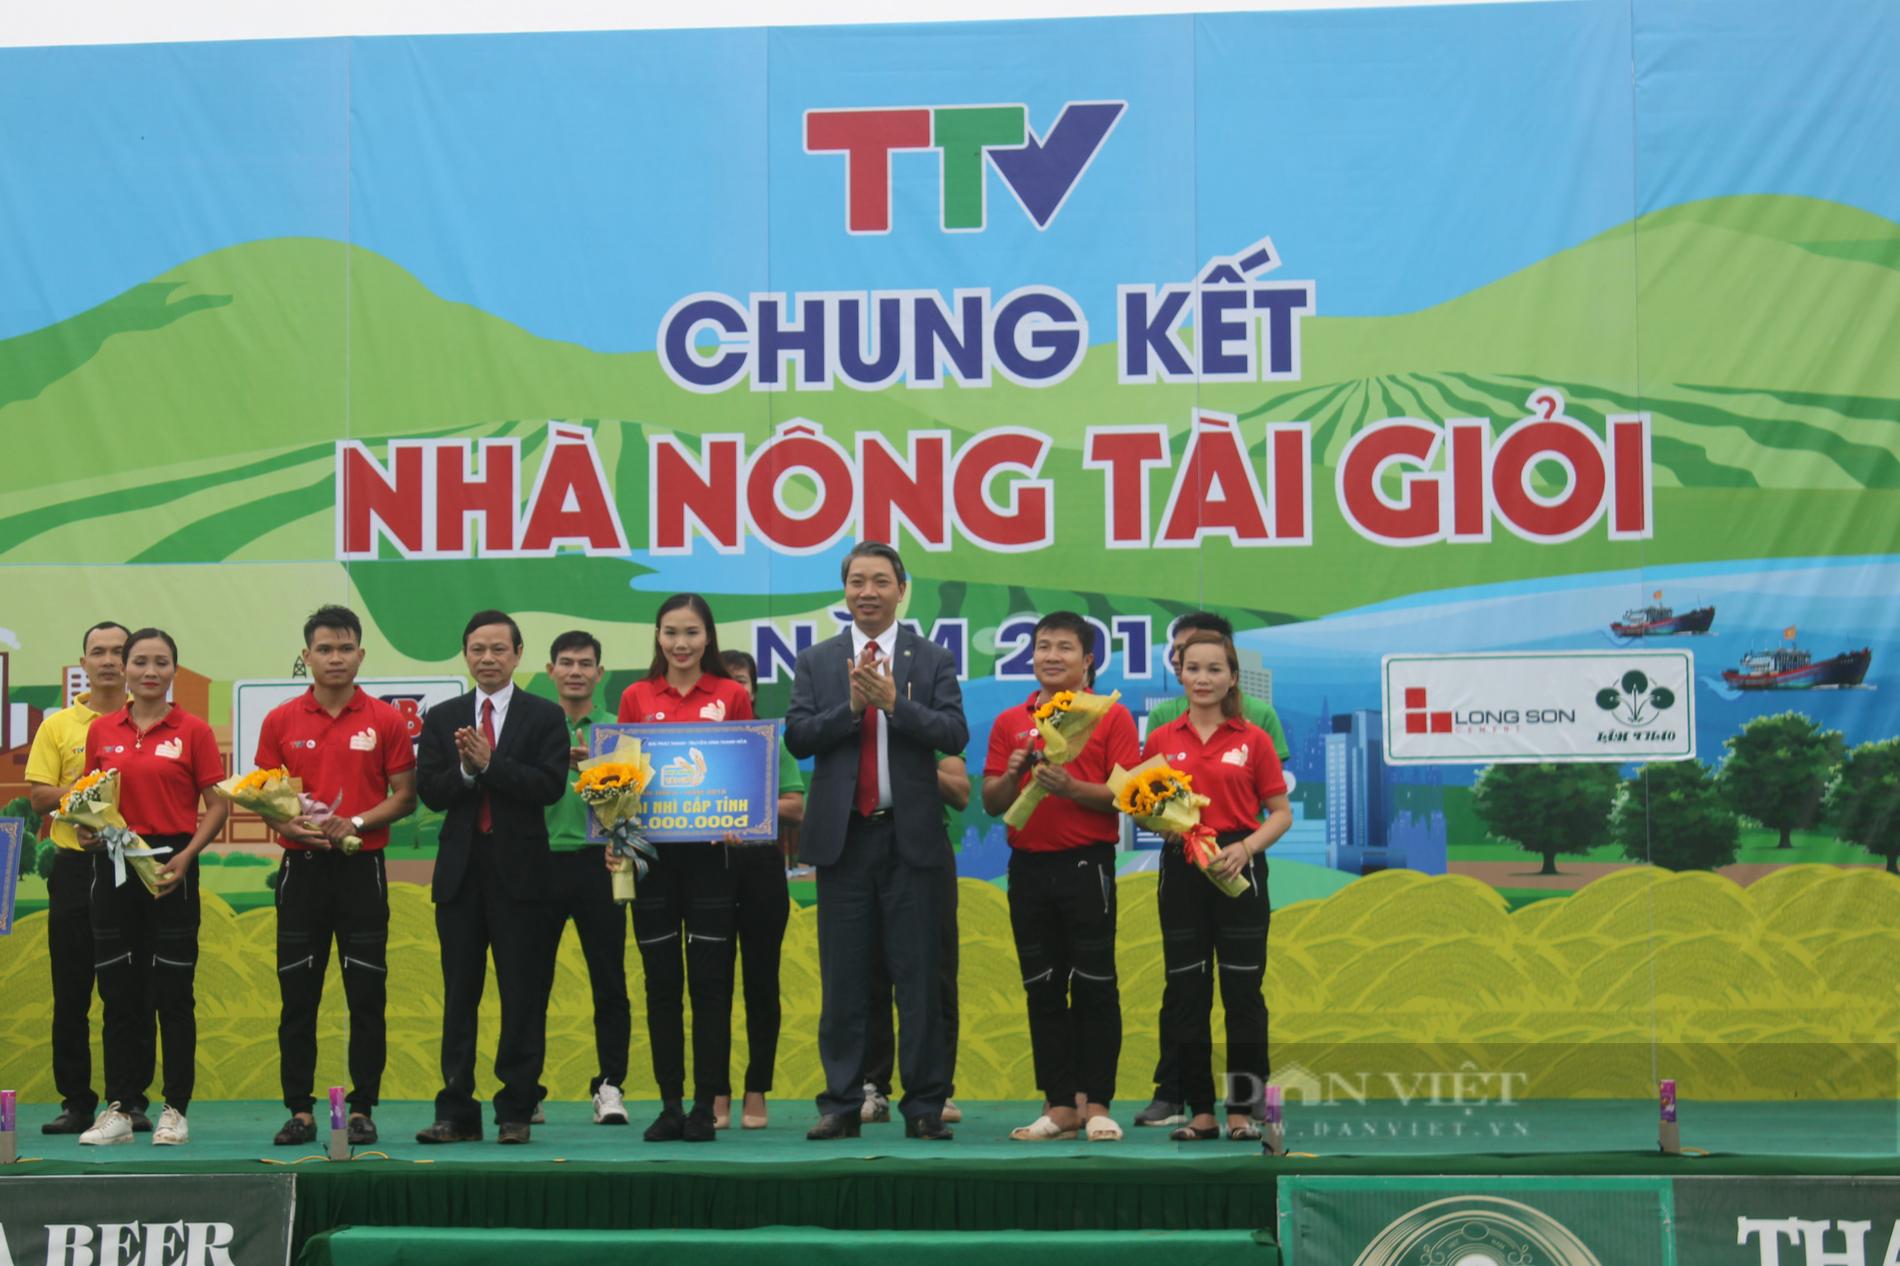 HND Thanh Hóa: Xây dựng gia đình văn hóa gắn với xây dựng nông thôn mới - Ảnh 1.